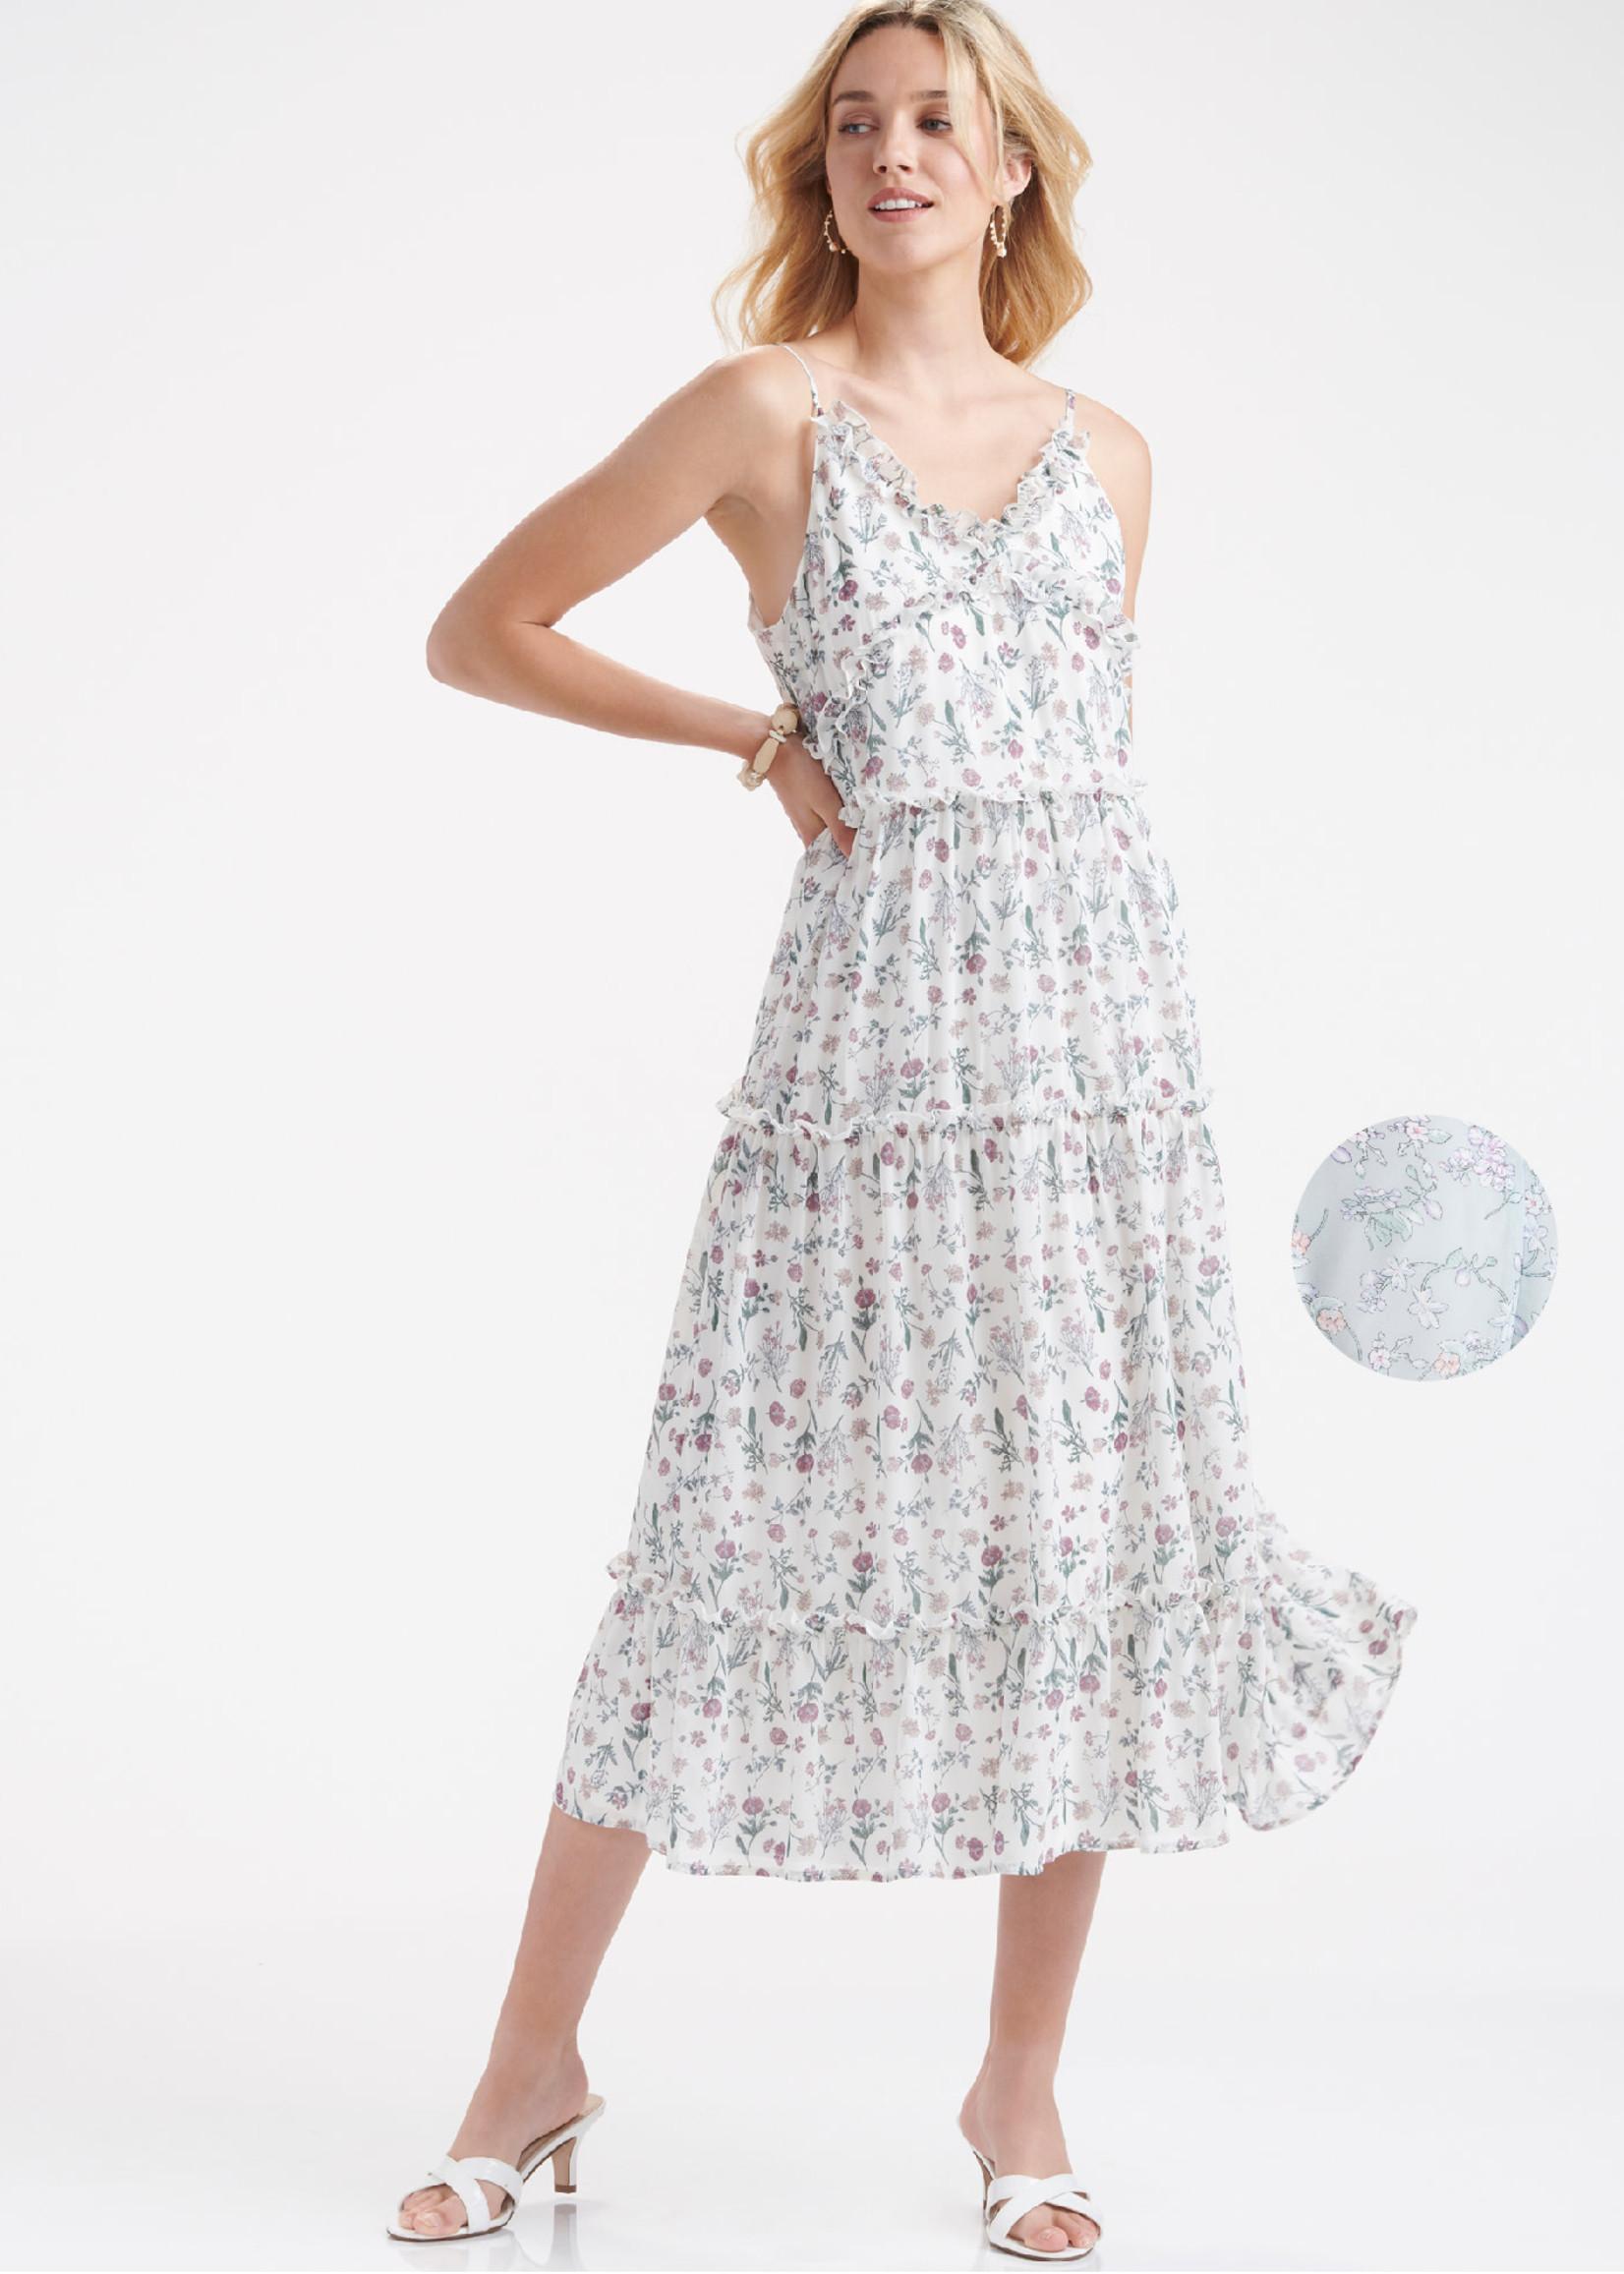 Charlie Paige CP - Floral Print Dress (2 Colors)